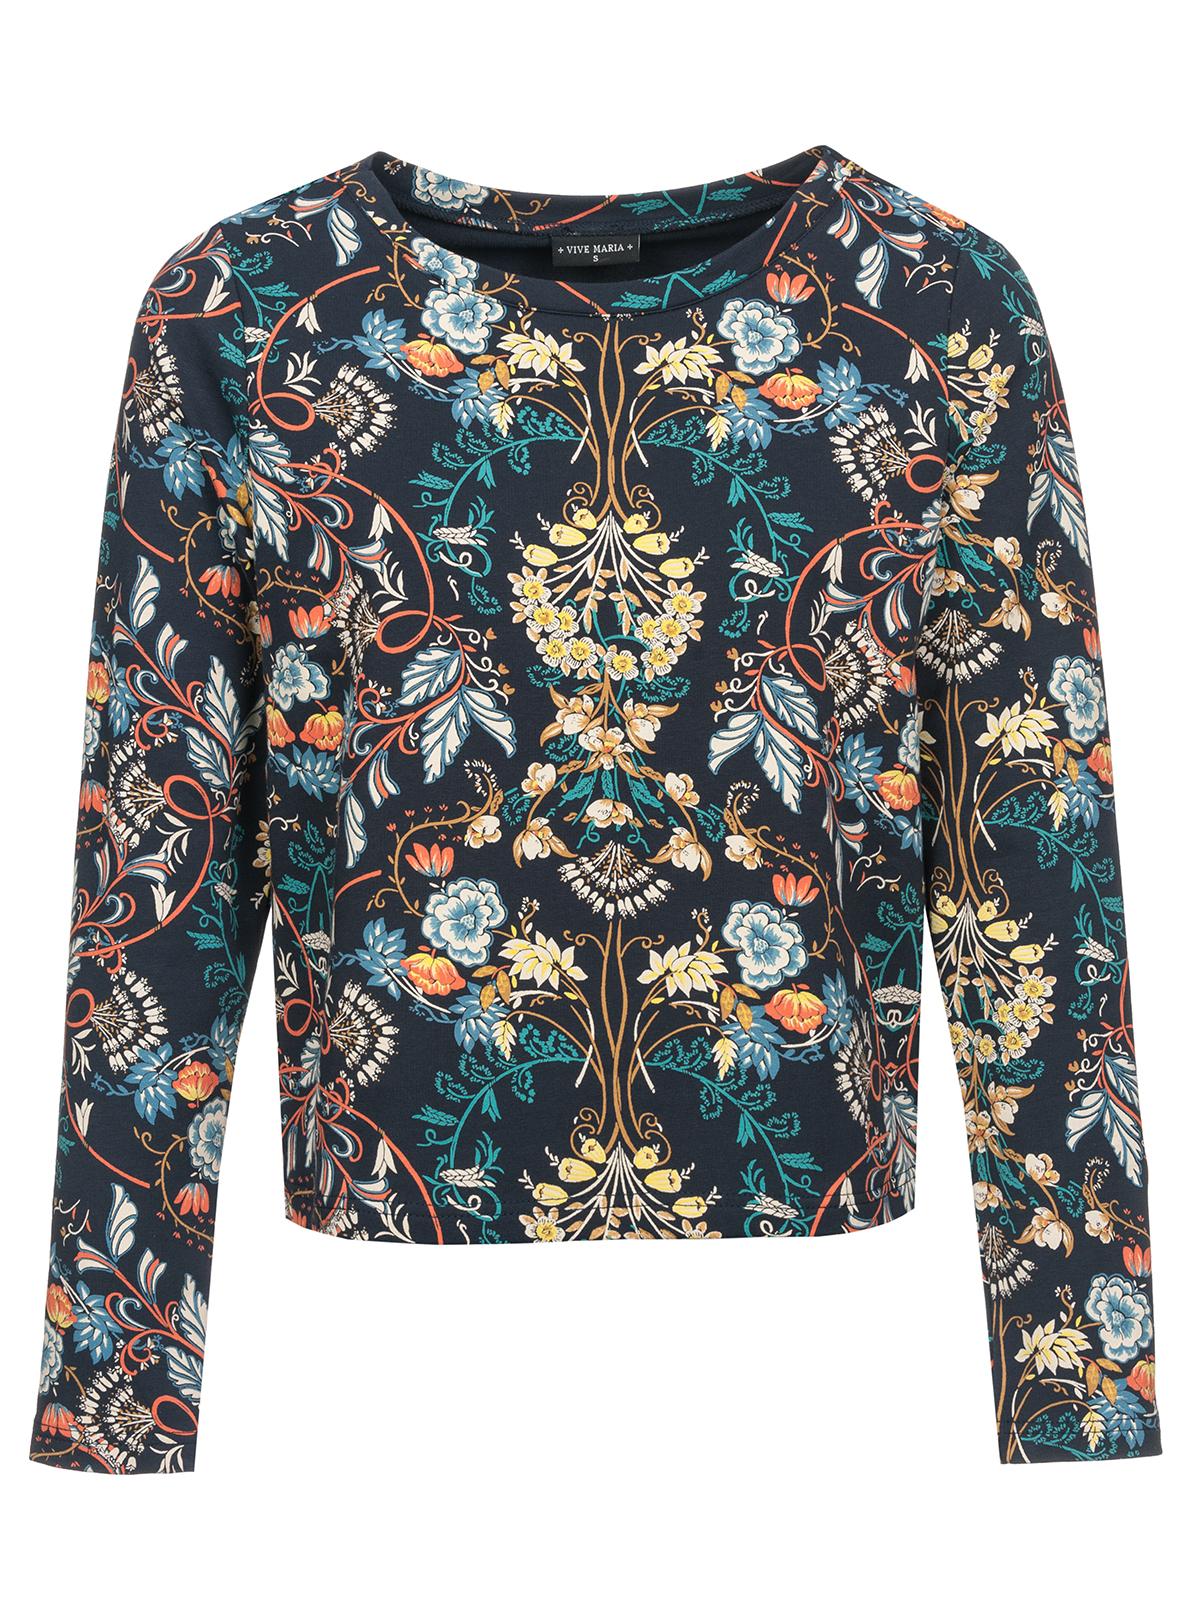 Details about Vive Maria Blooming Boheme Sweatshirt Shirt